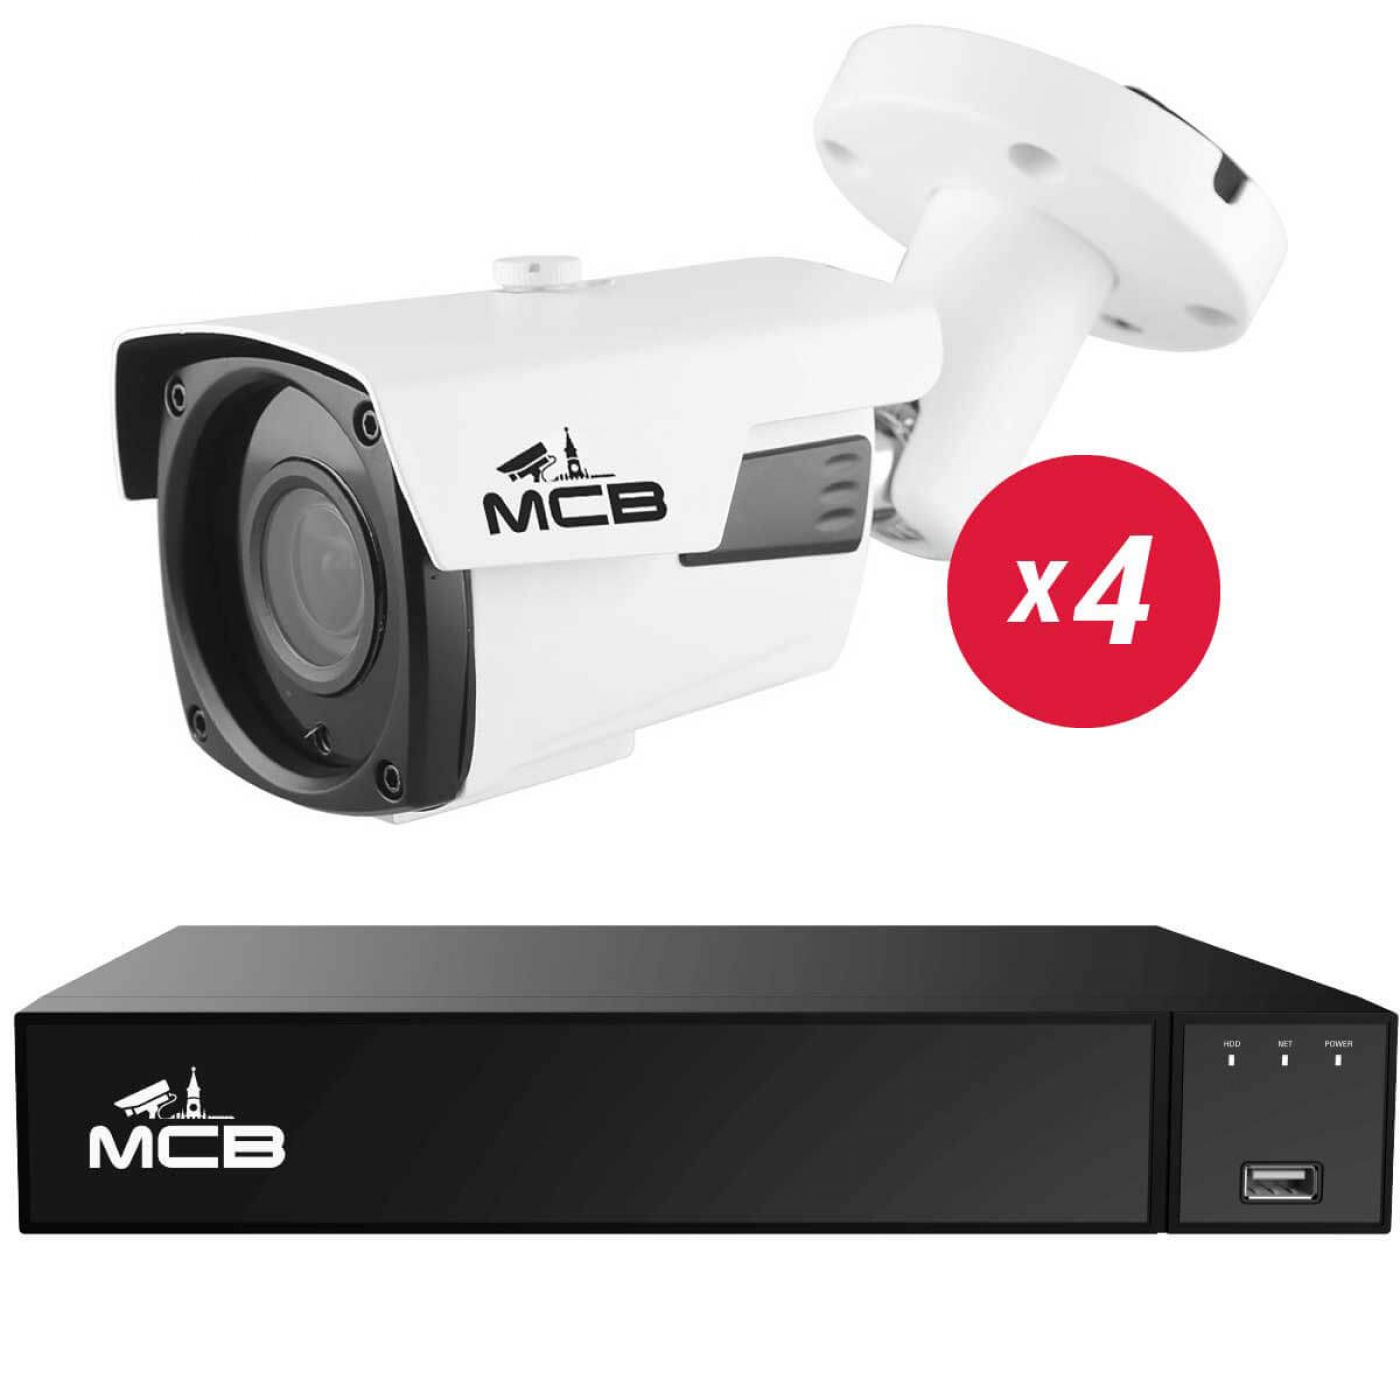 Комплект видеонаблюдения на 4 камеры по 5 Мегапикселей Pro